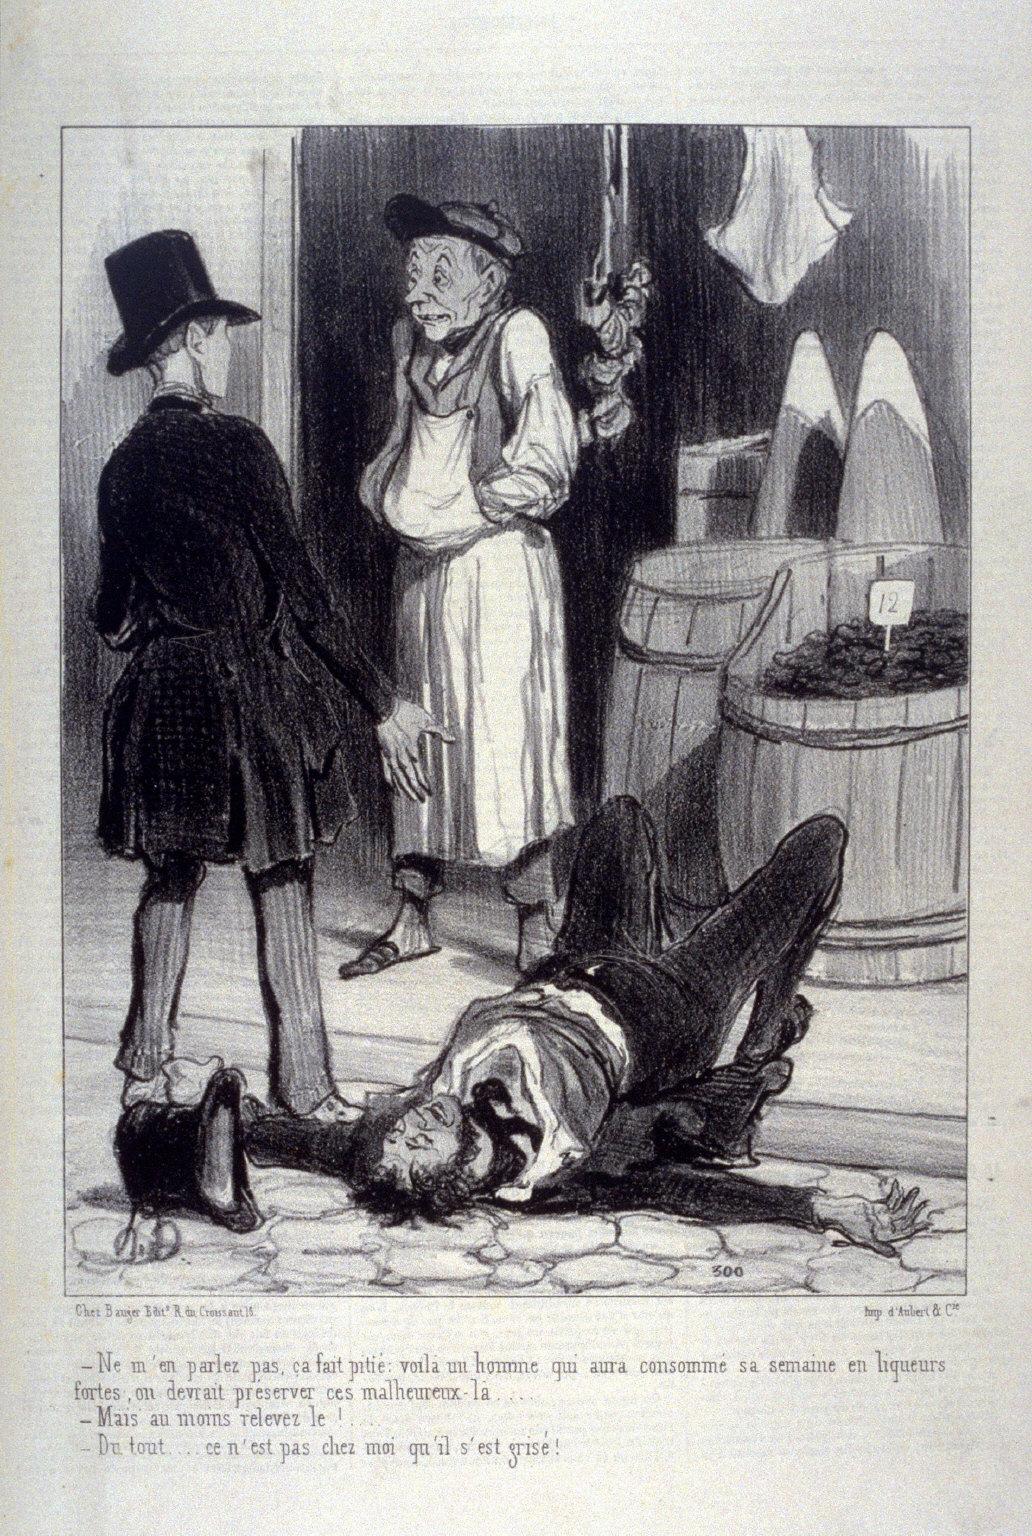 Ne men parlez pas, ça fait pitié. . ., no. 8 from the series VULGARITÉS , published in La Caricature 5 September 1841